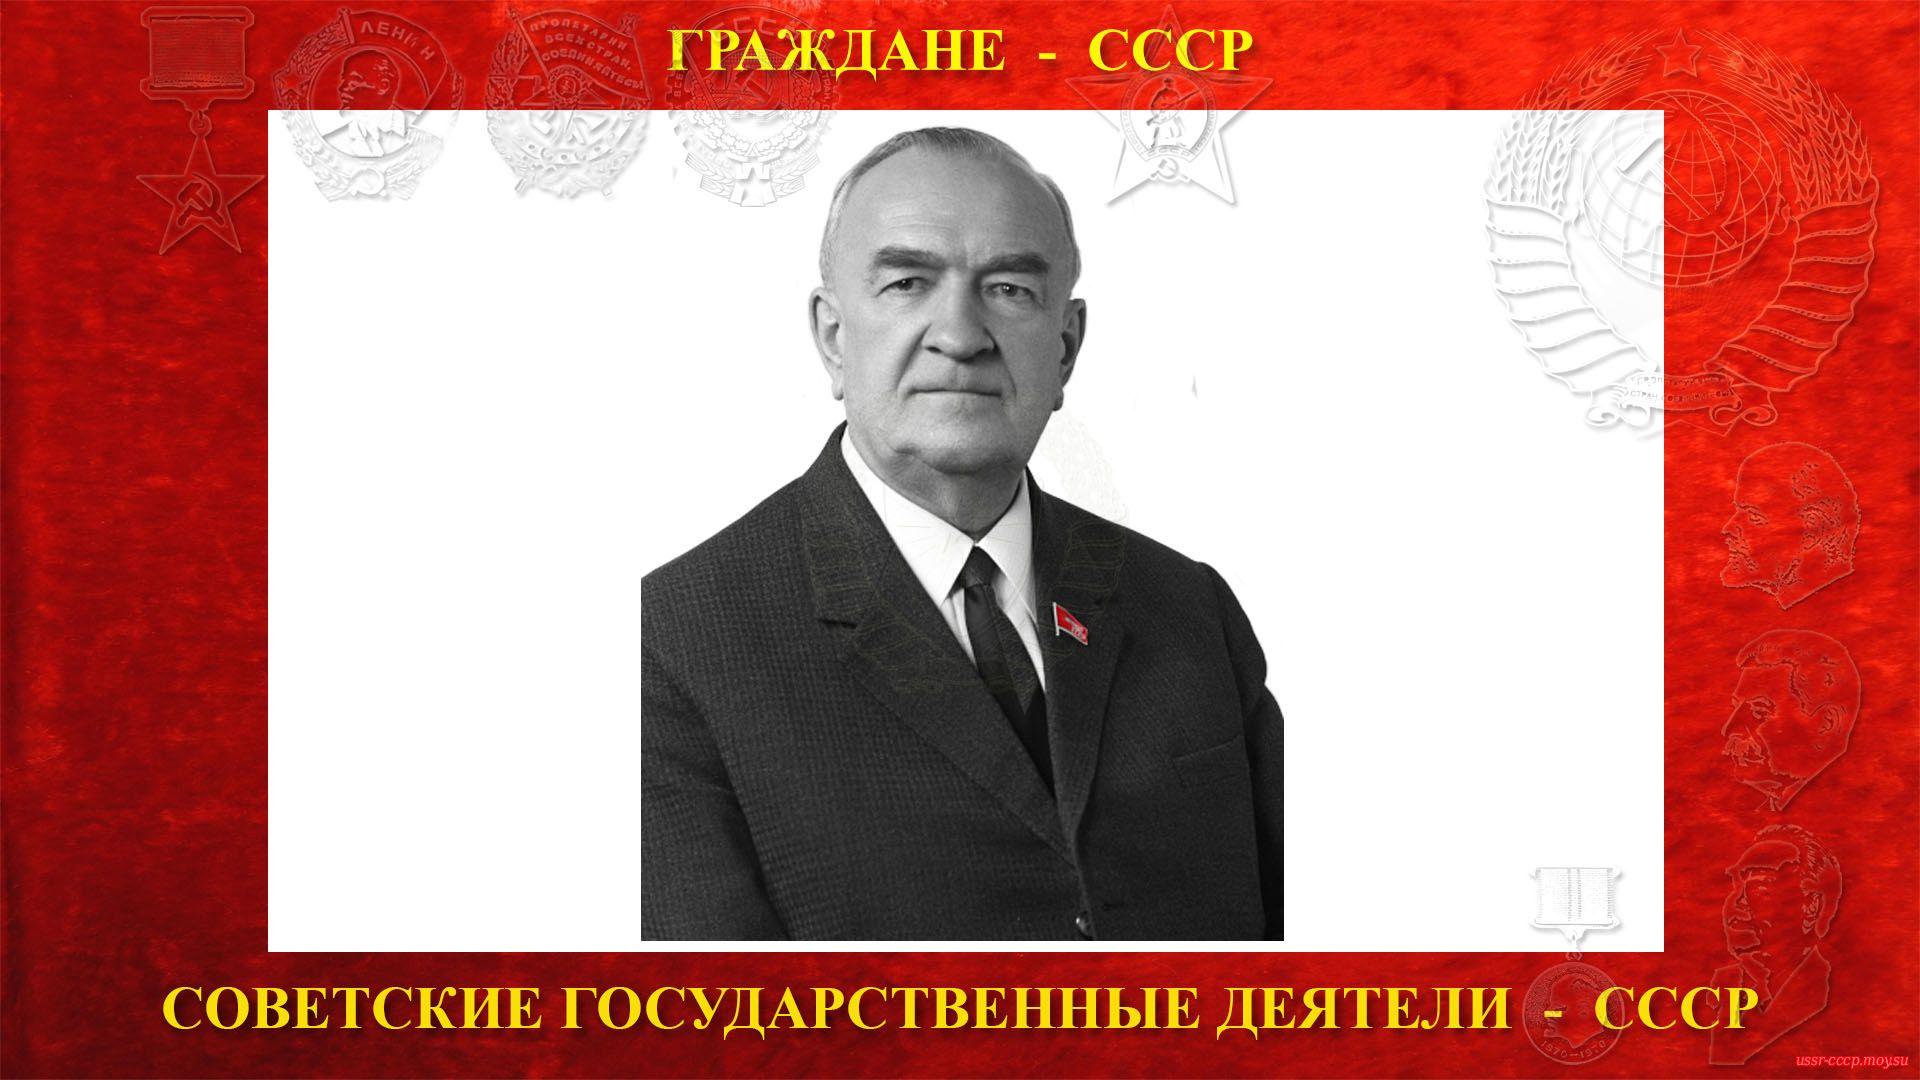 Яснов Михаил Алексеевич — Советский государственный и партийный деятель (05.06.1906 — 23.071991)